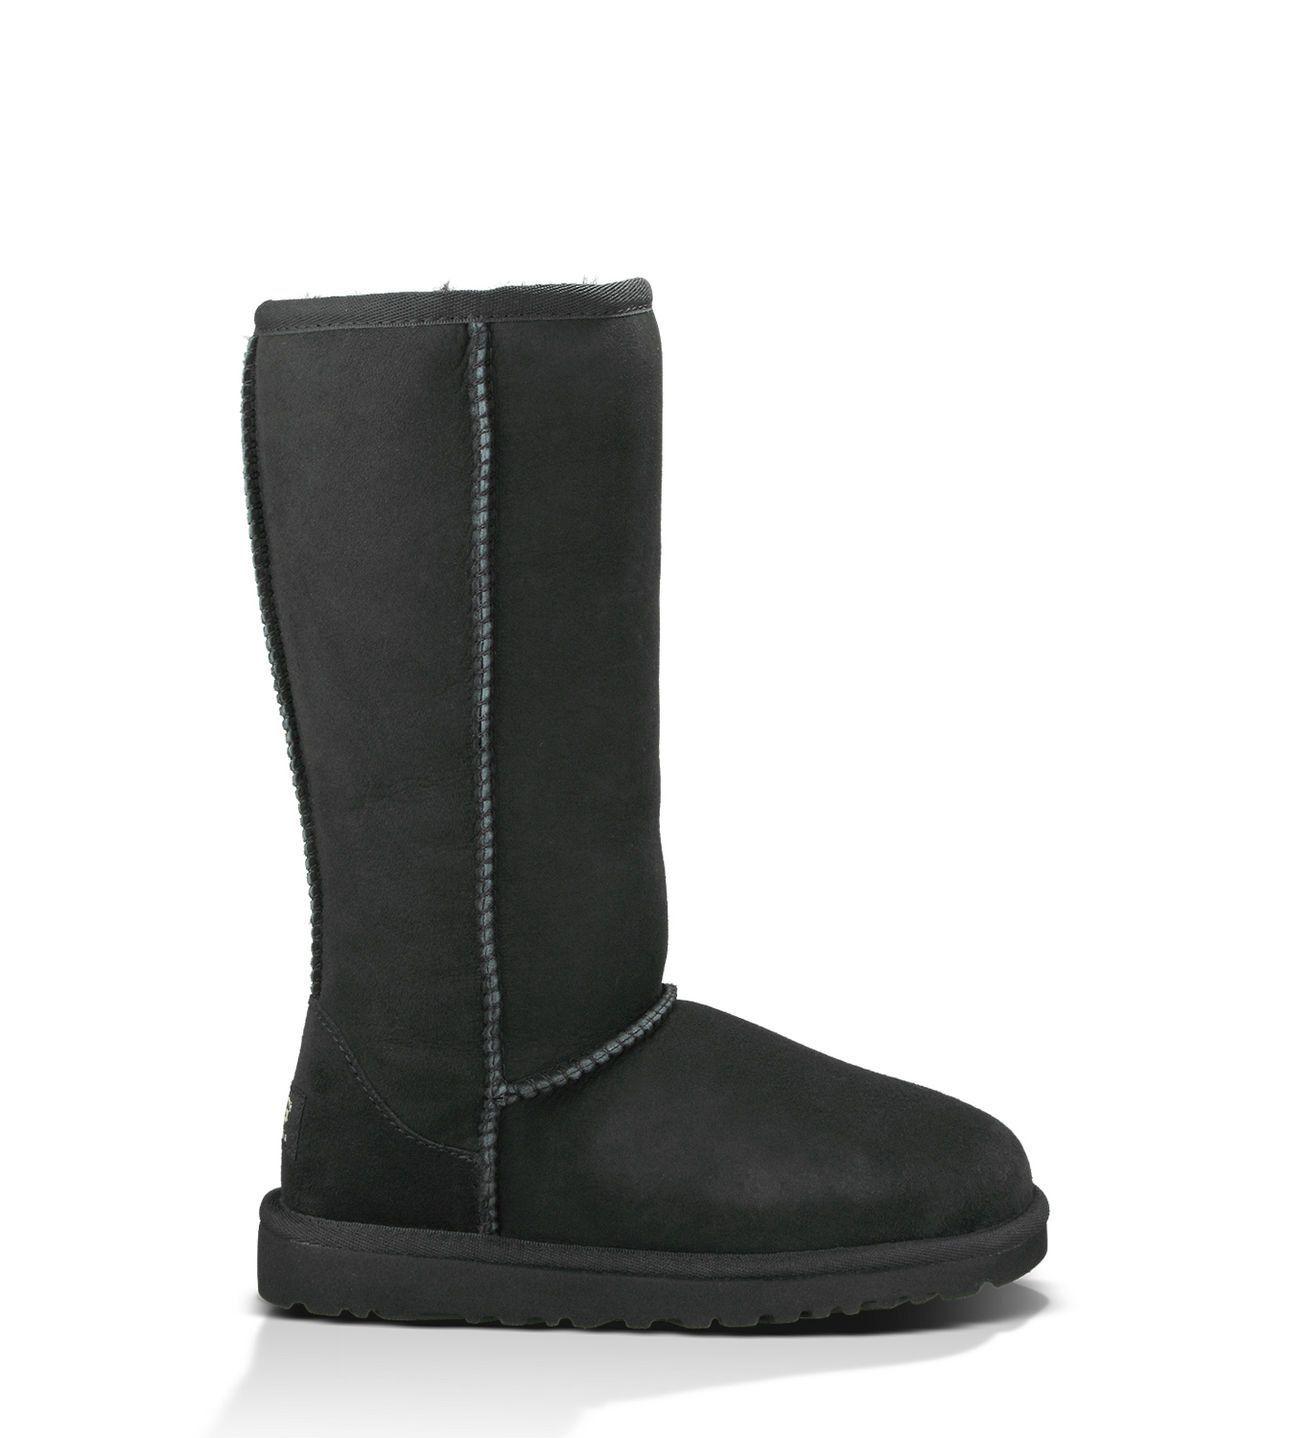 Shop Ugg Australia Men's 'Foerster' Brown Suede Boots